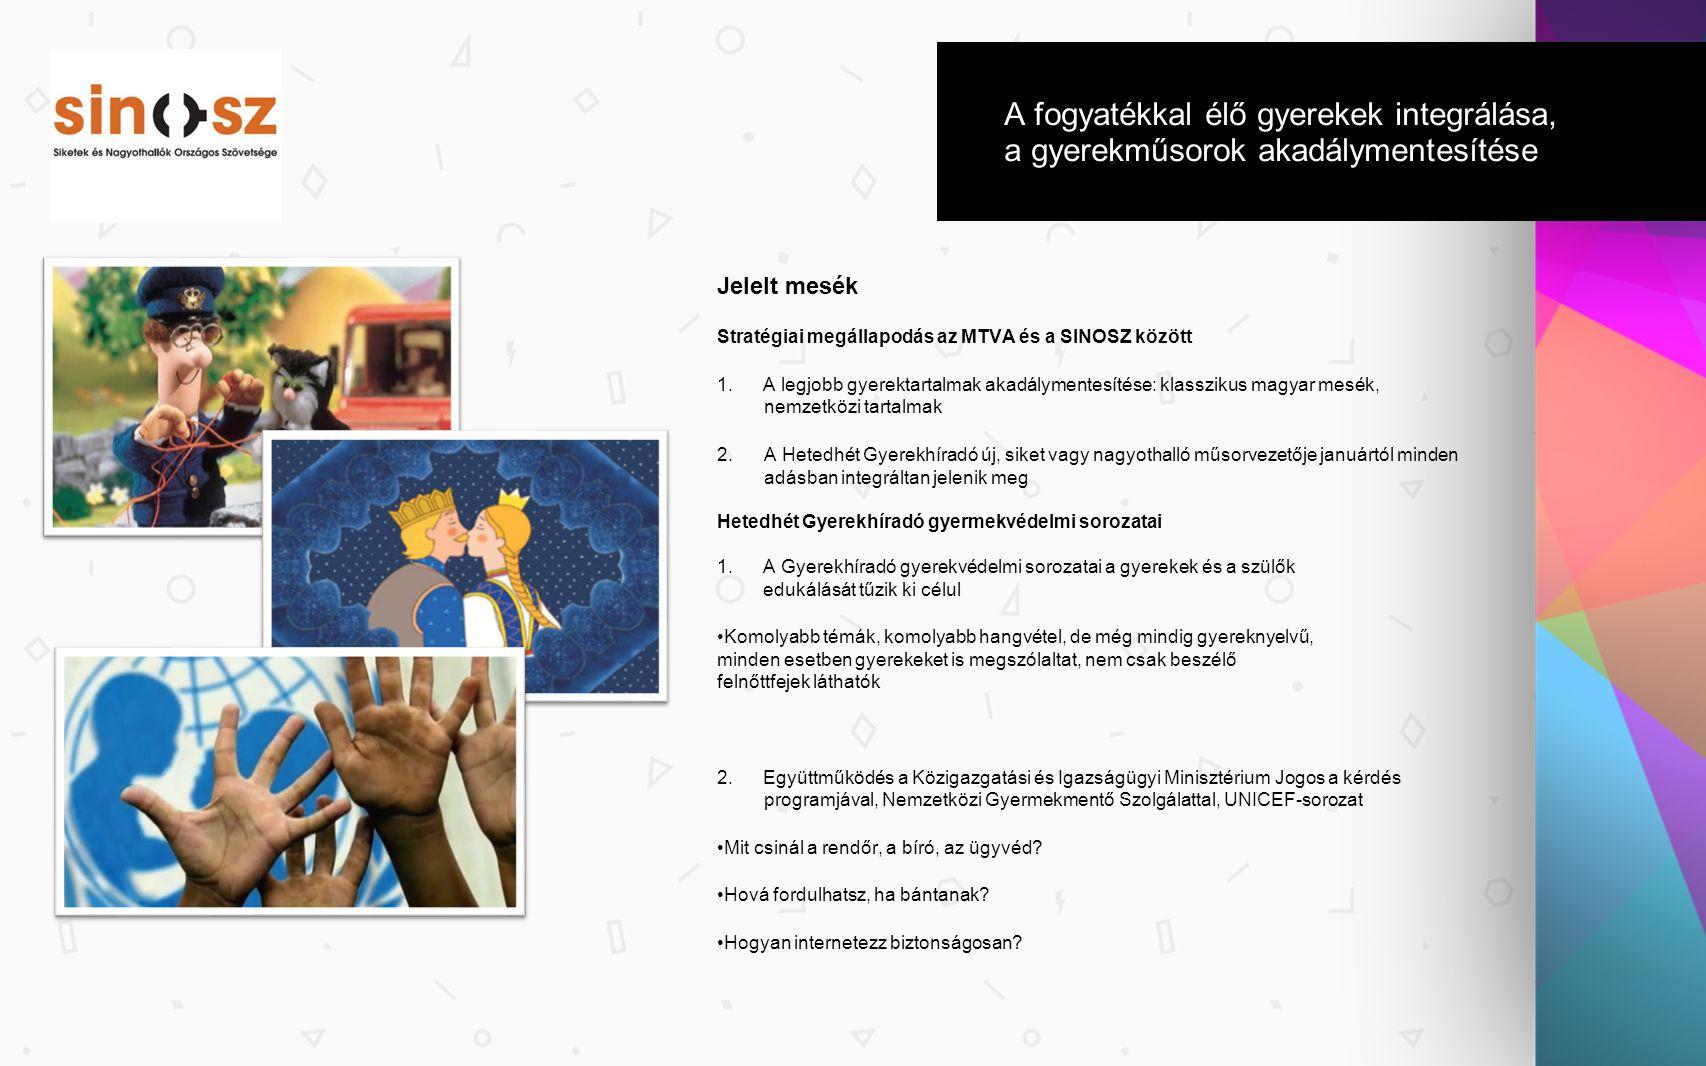 A fogyatékkal élő gyerekek integrálása, a gyerekműsorok akadálymentesítése Jelelt mesék Stratégiai megállapodás az MTVA és a SINOSZ között 1. A legjob